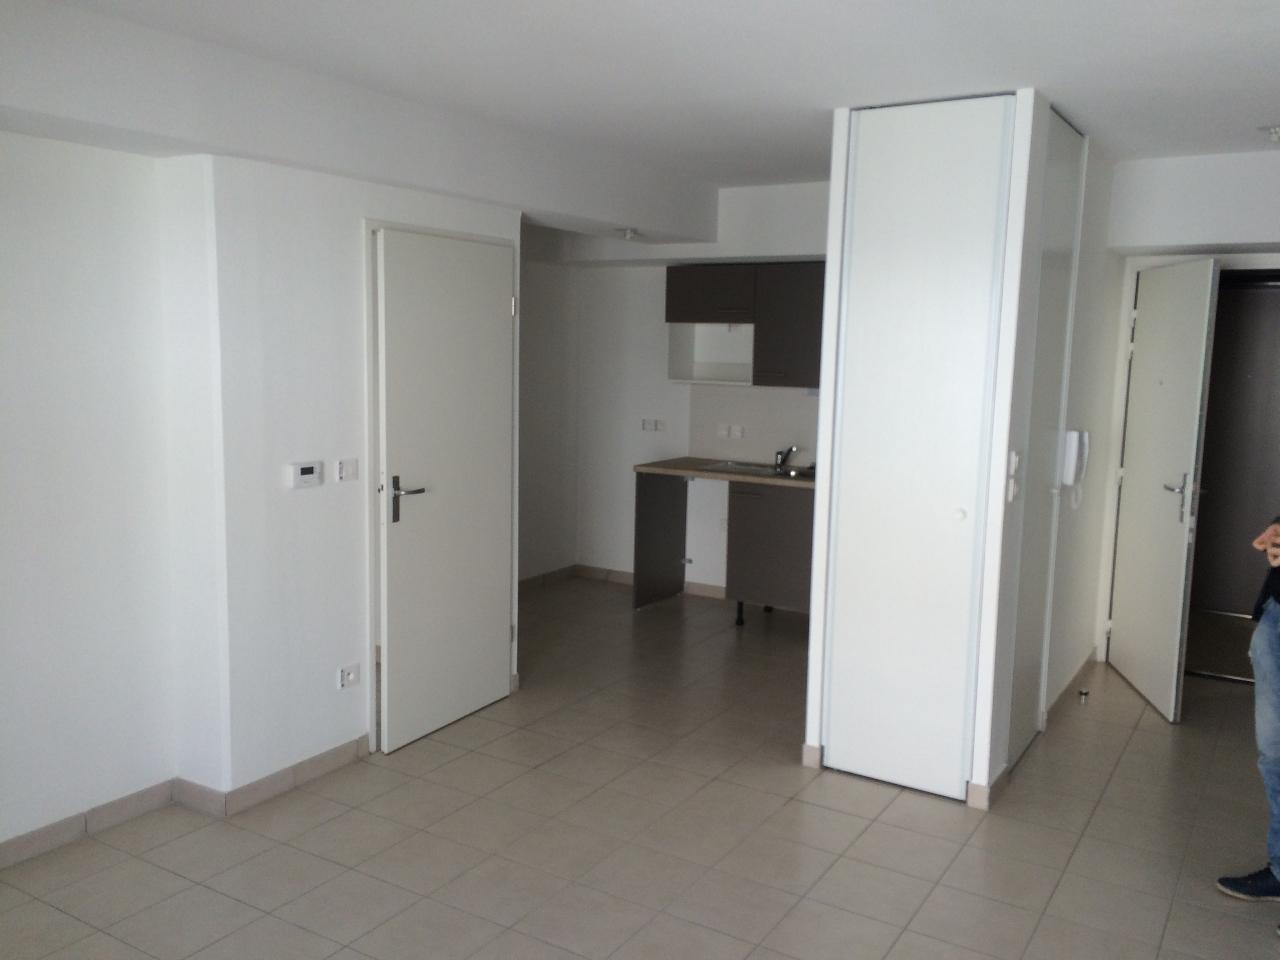 location appartement villenave d 39 ornon 33140 sur le partenaire. Black Bedroom Furniture Sets. Home Design Ideas